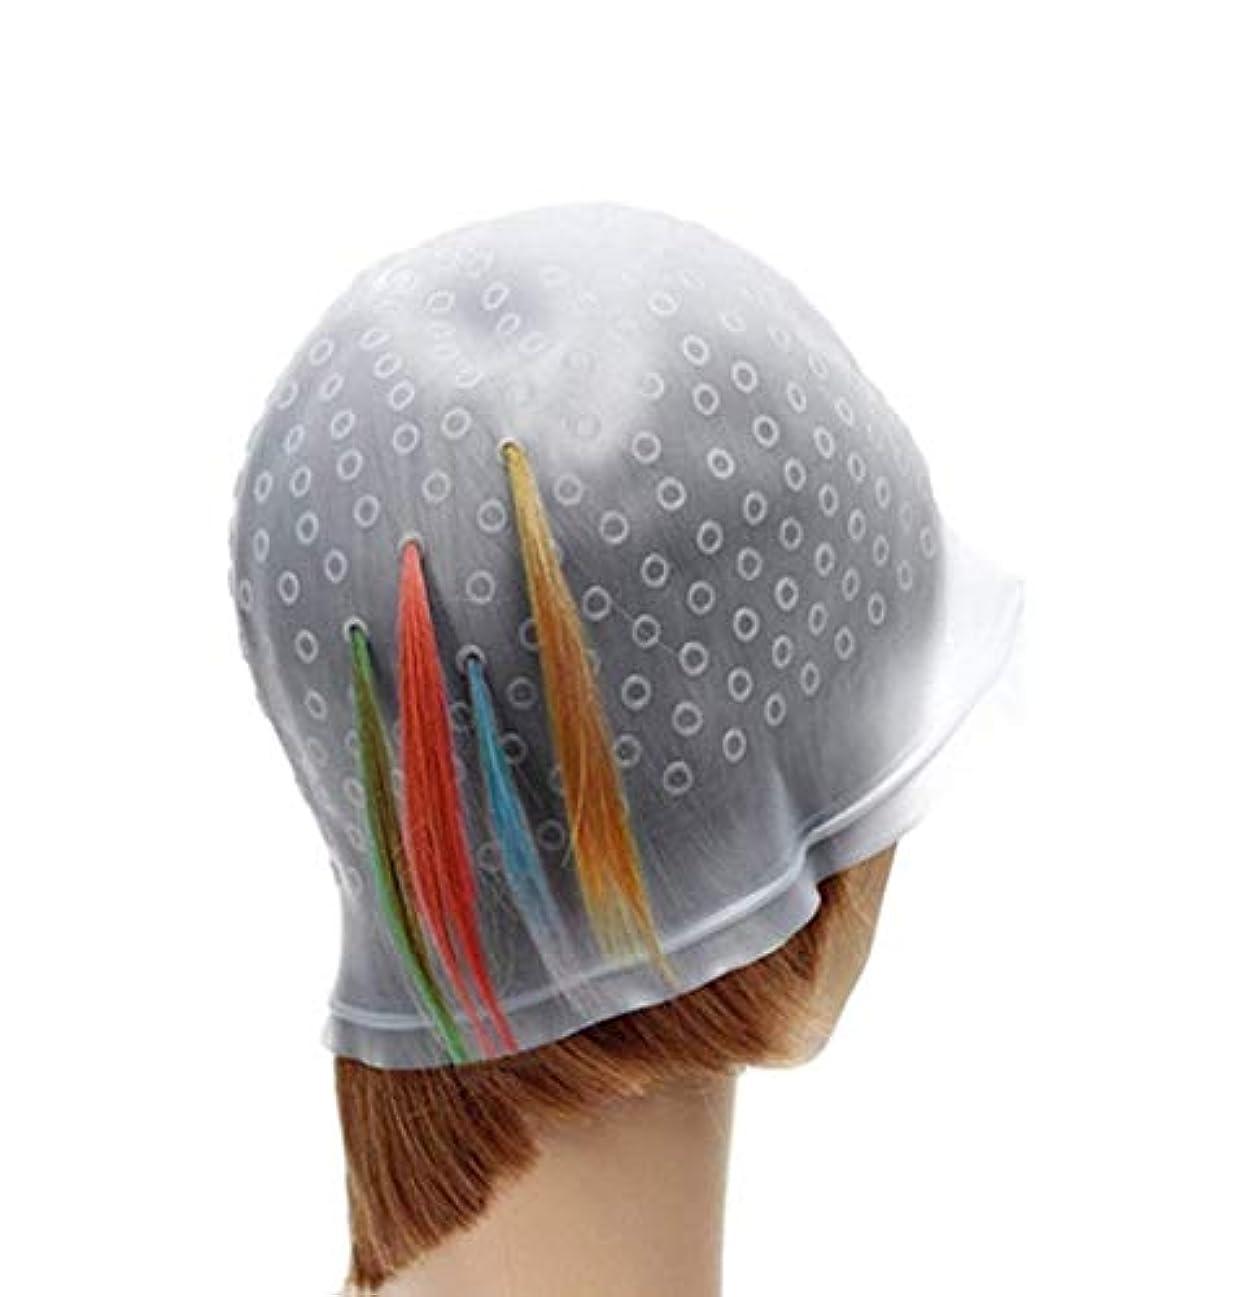 ノーブル成長する文句を言うFACAI 洗って使える 毛染め ヘアカラー メッシュ 用 シリコン ヘア キャップ 穴あけポンチ シリコン キャップ (透明)